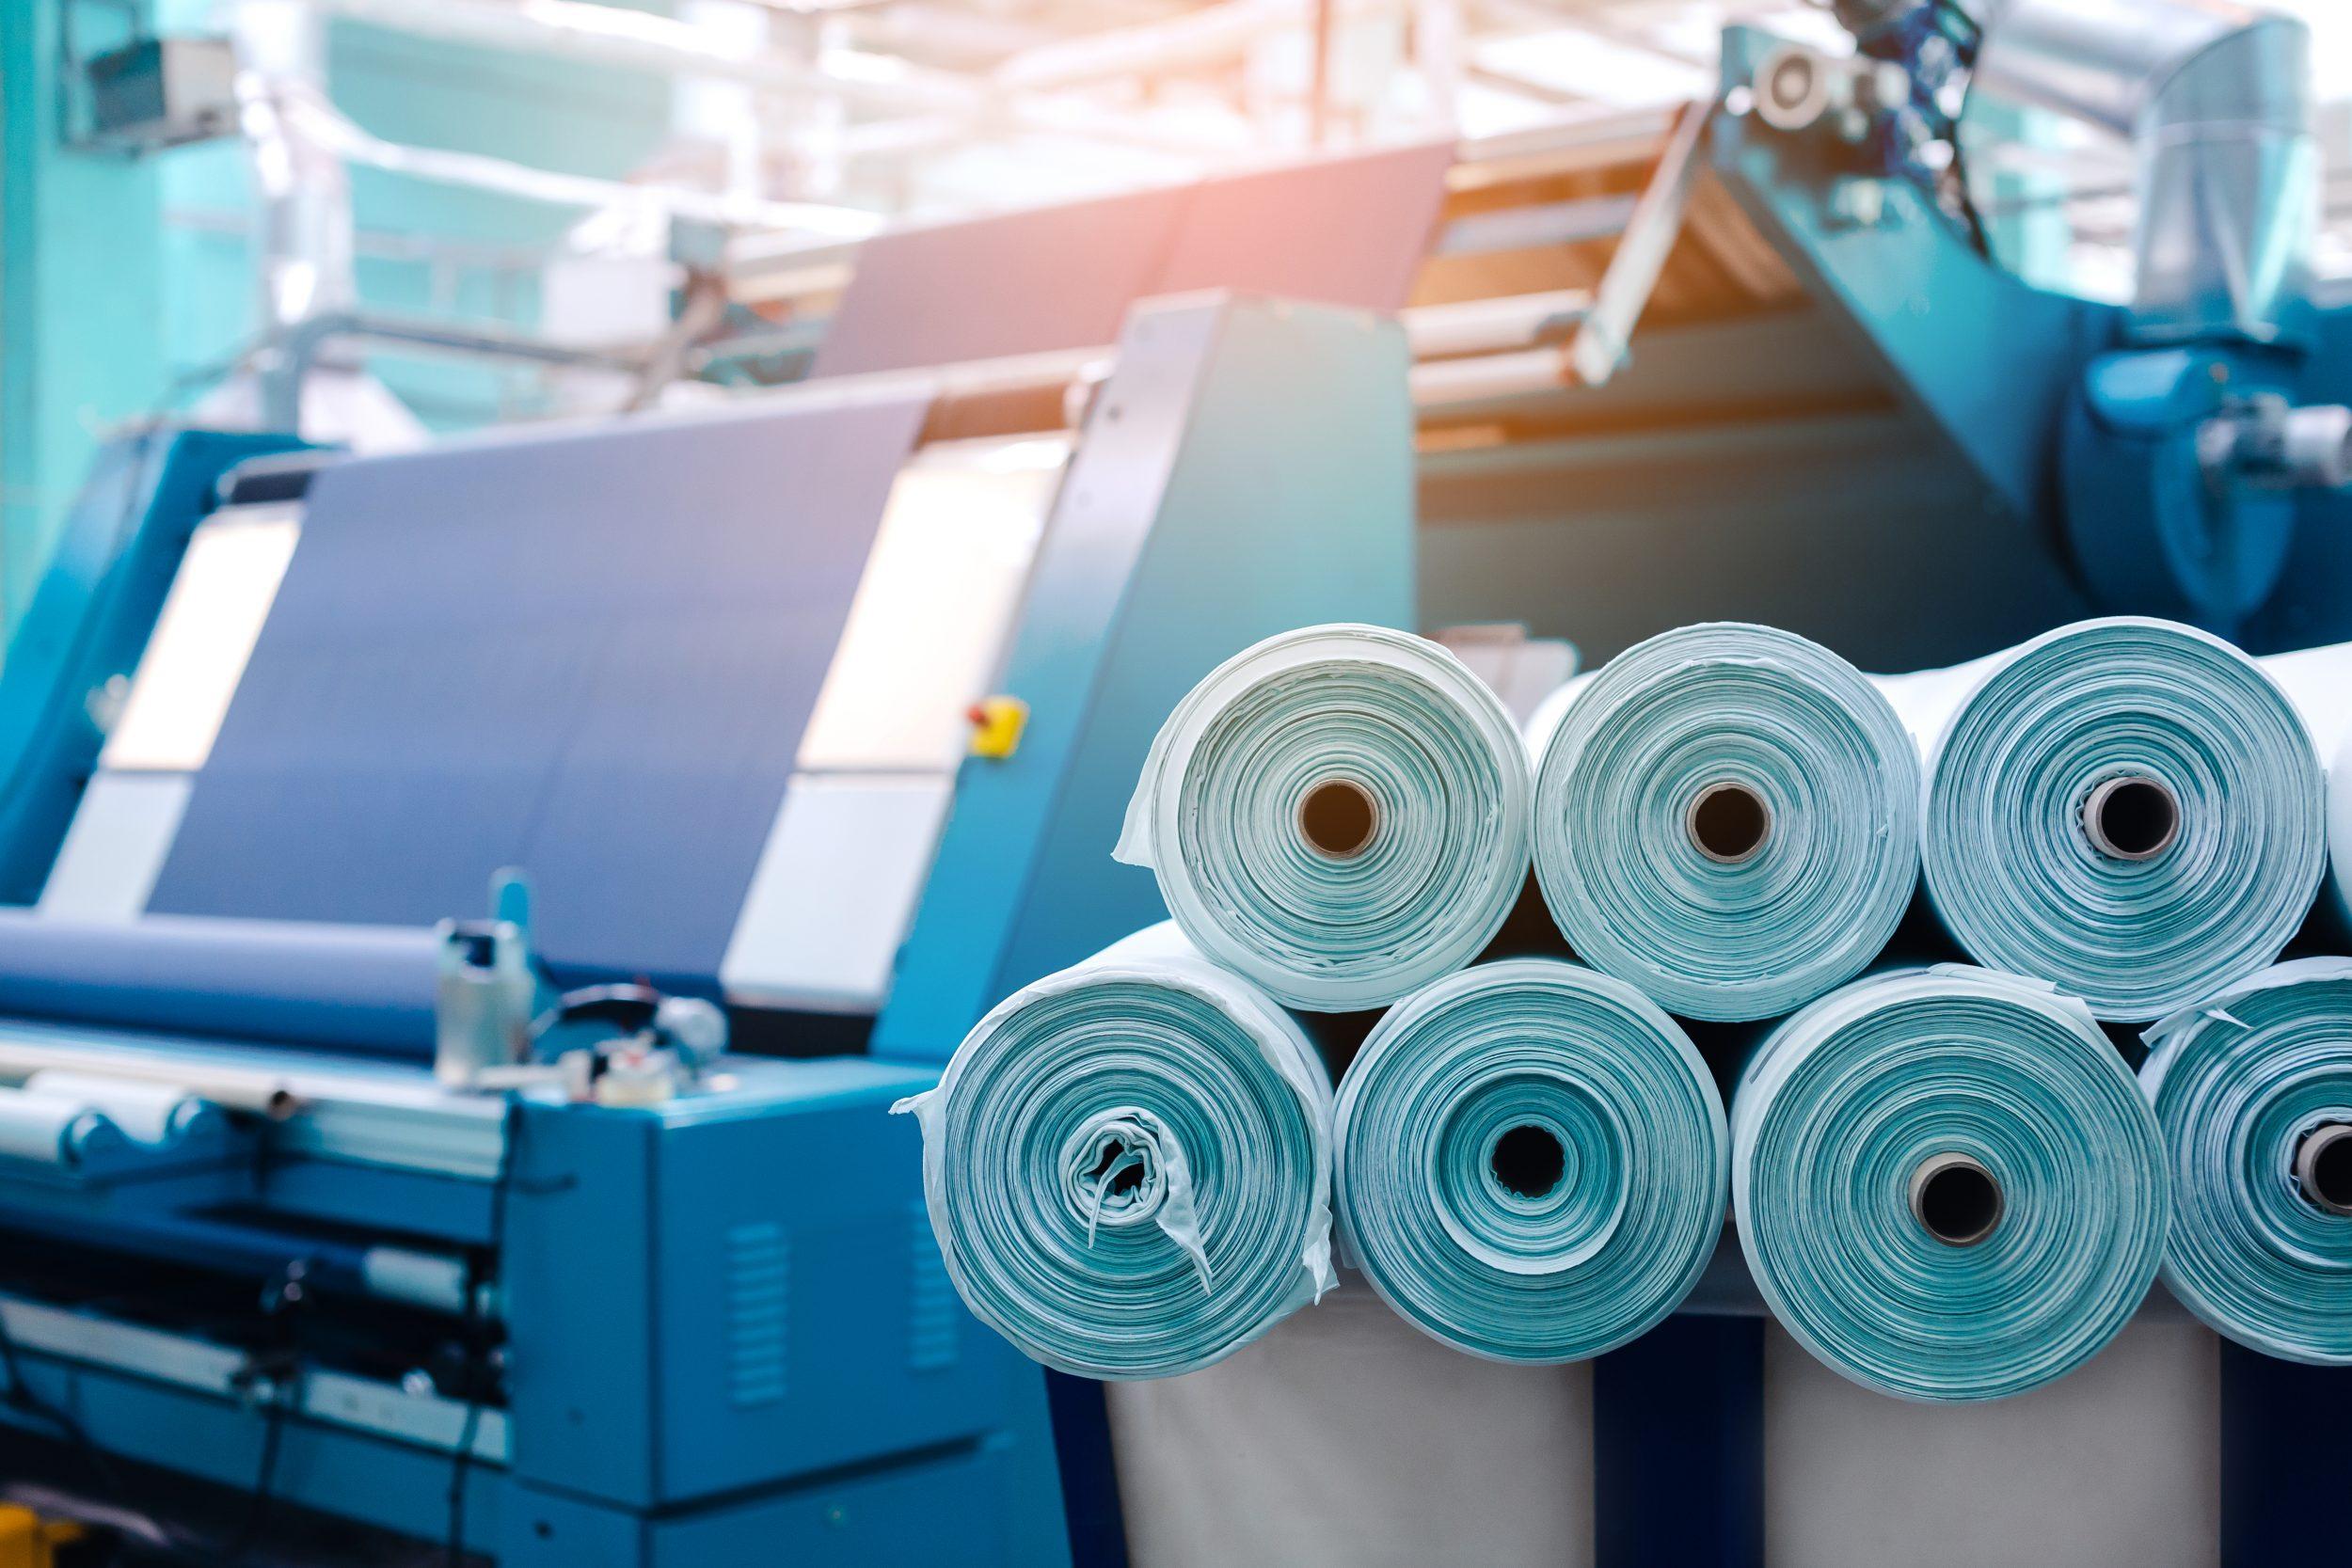 Approvvigionamenti di materie prime: nonostante i ritardi l'economia riparte